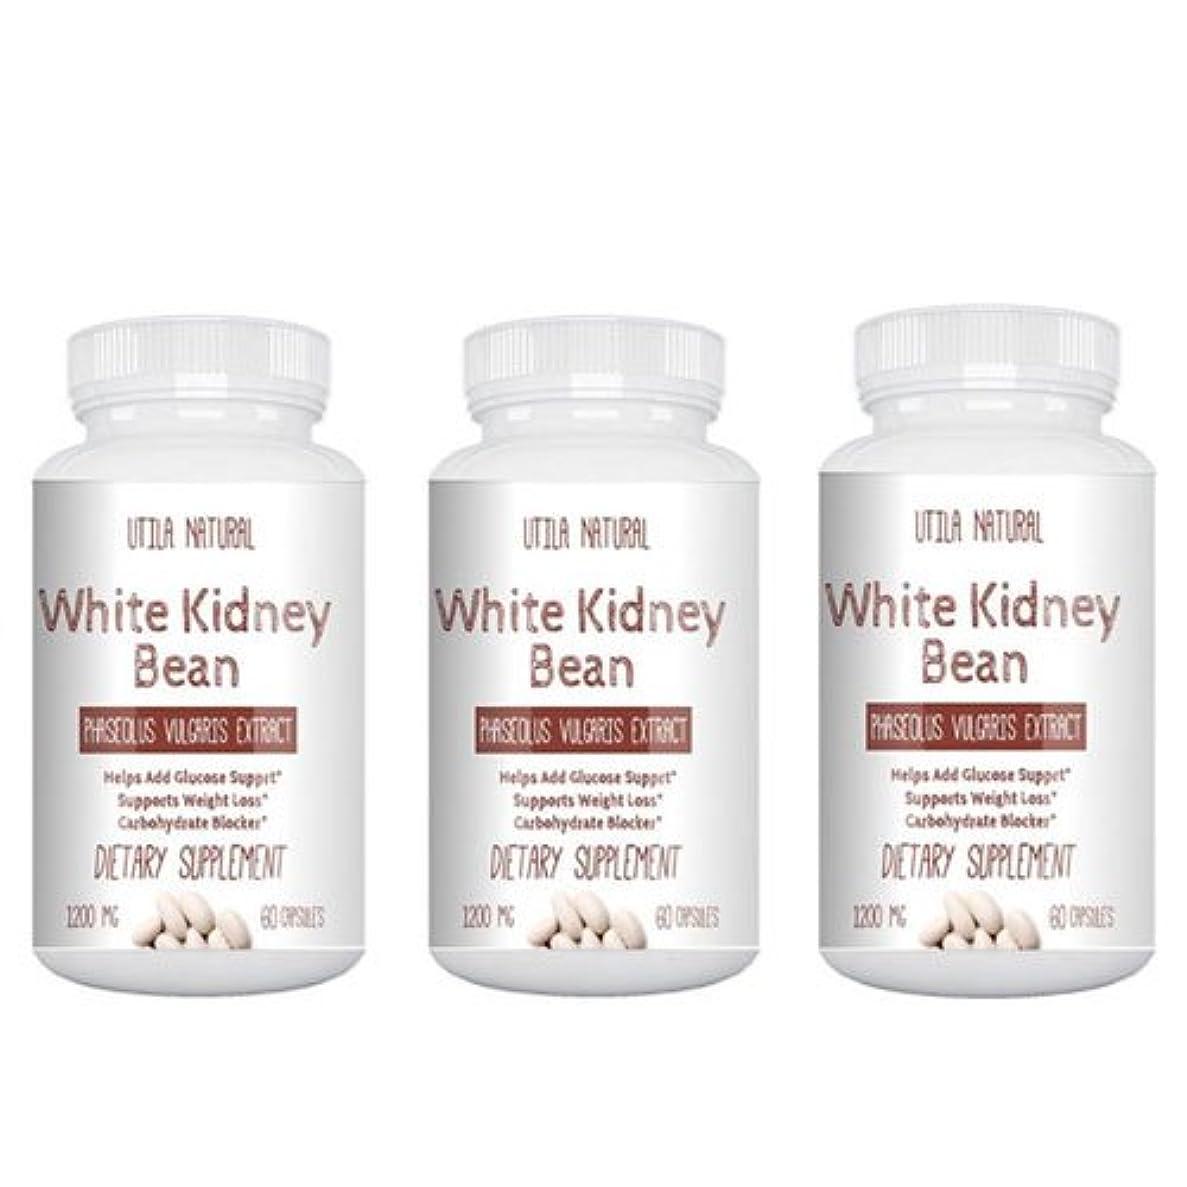 ハードウェア運営記者お得な3個セット! 白いんげん豆サプリ ホワイトキドニービーン抽出液  600mg 60ベジタブルカプセル White Kidney Bean [並行輸入品]